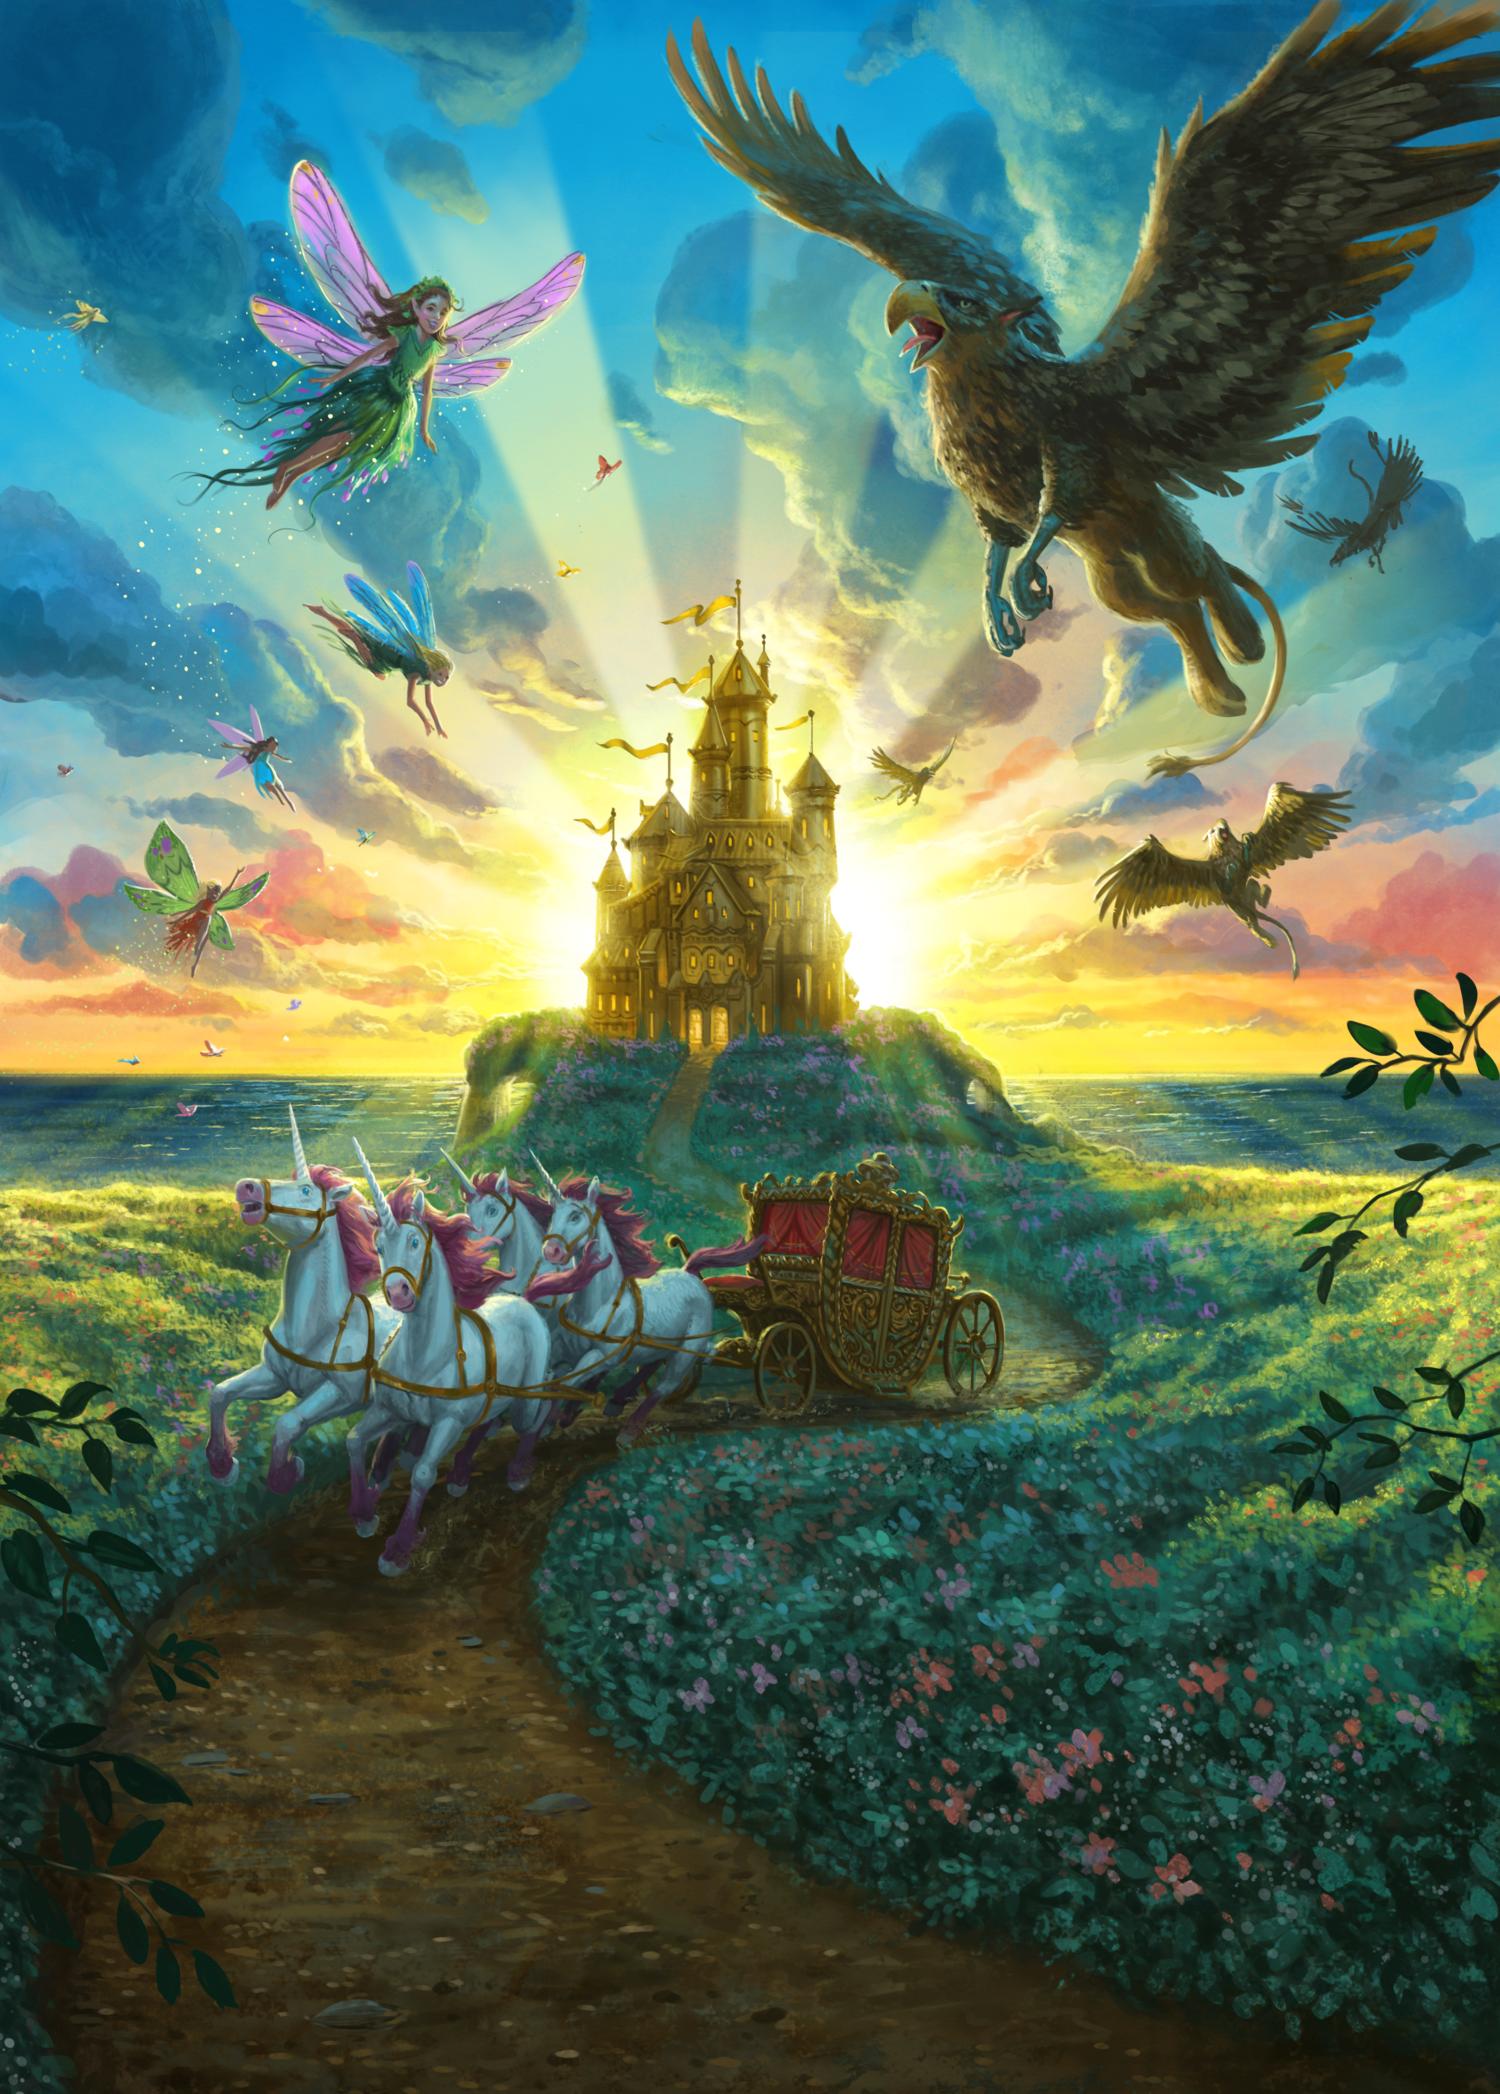 Una storia di Magia - Illustrazione